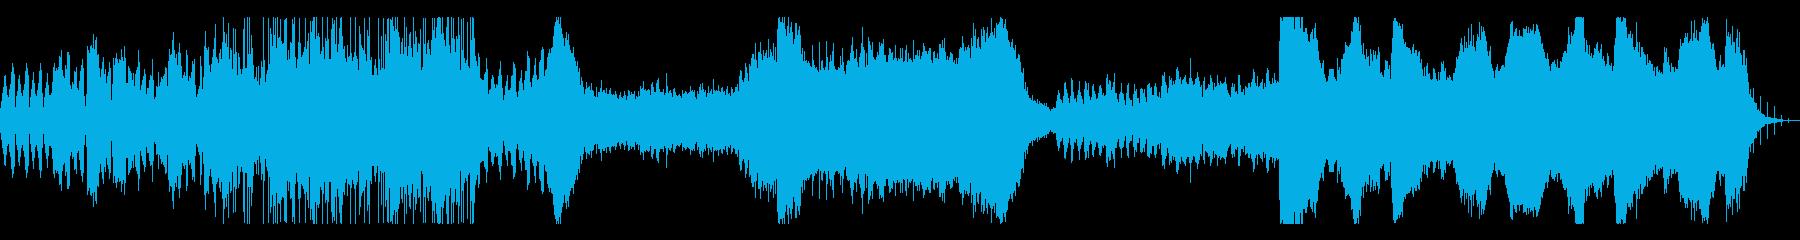 ウェット感のあるアンビエント系BGMの再生済みの波形